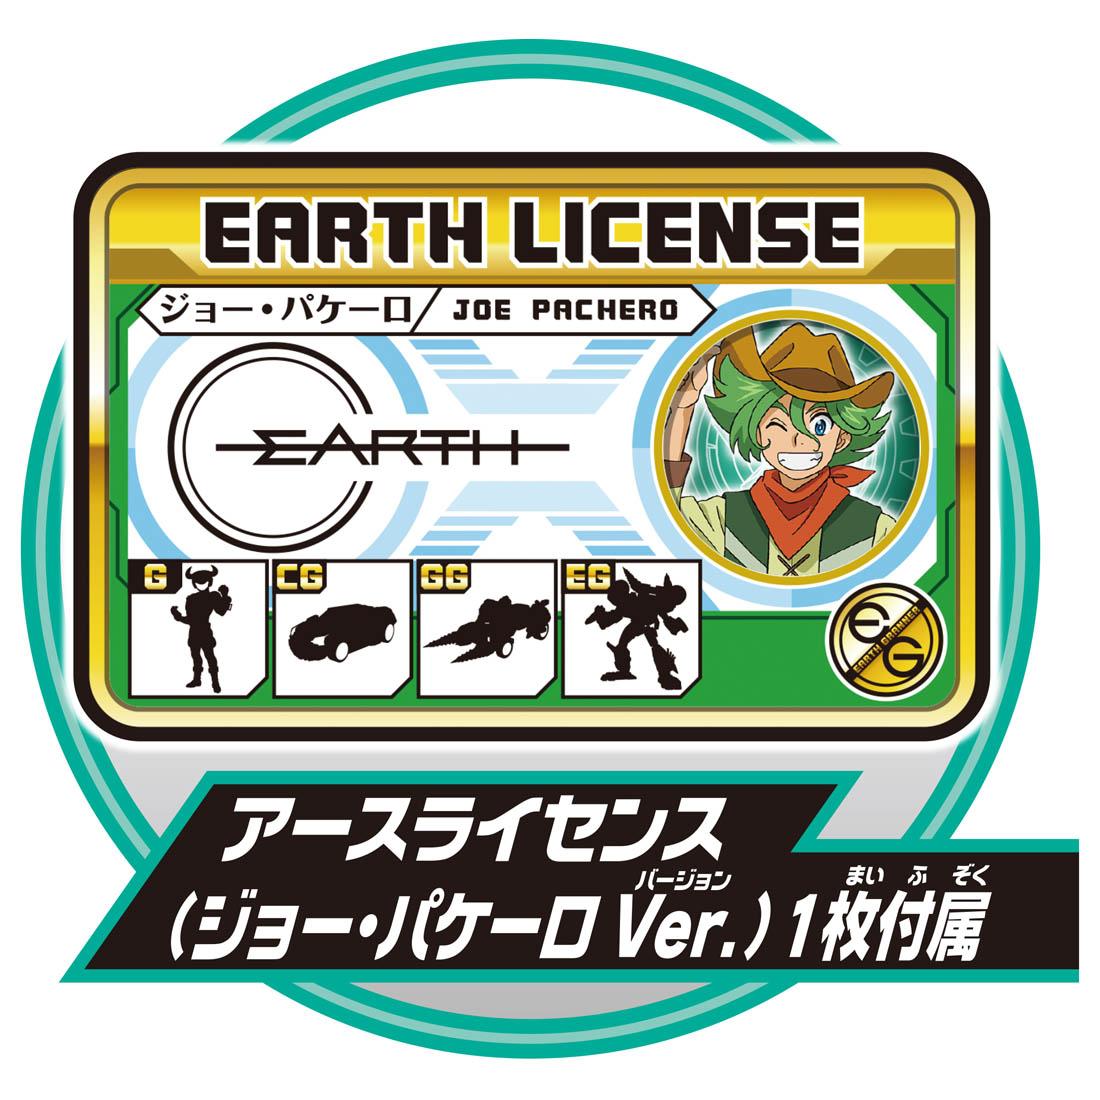 トミカ絆合体 アースグランナー『EG04 アースグランナーバッファゲータ』可変合体フィギュア-012